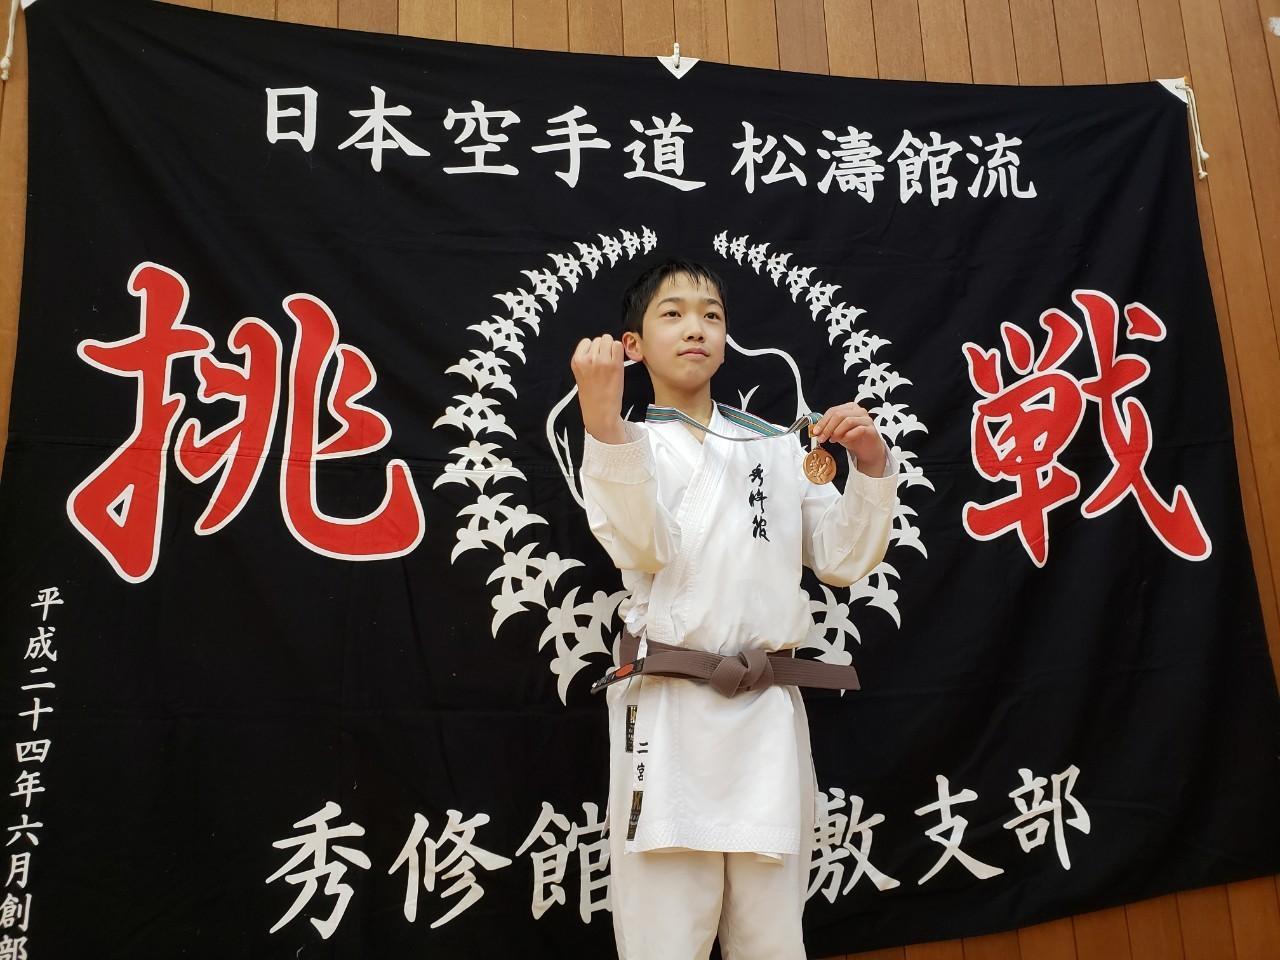 3rd JKFan Cup Web1 Challenge_d0290581_09401445.jpg